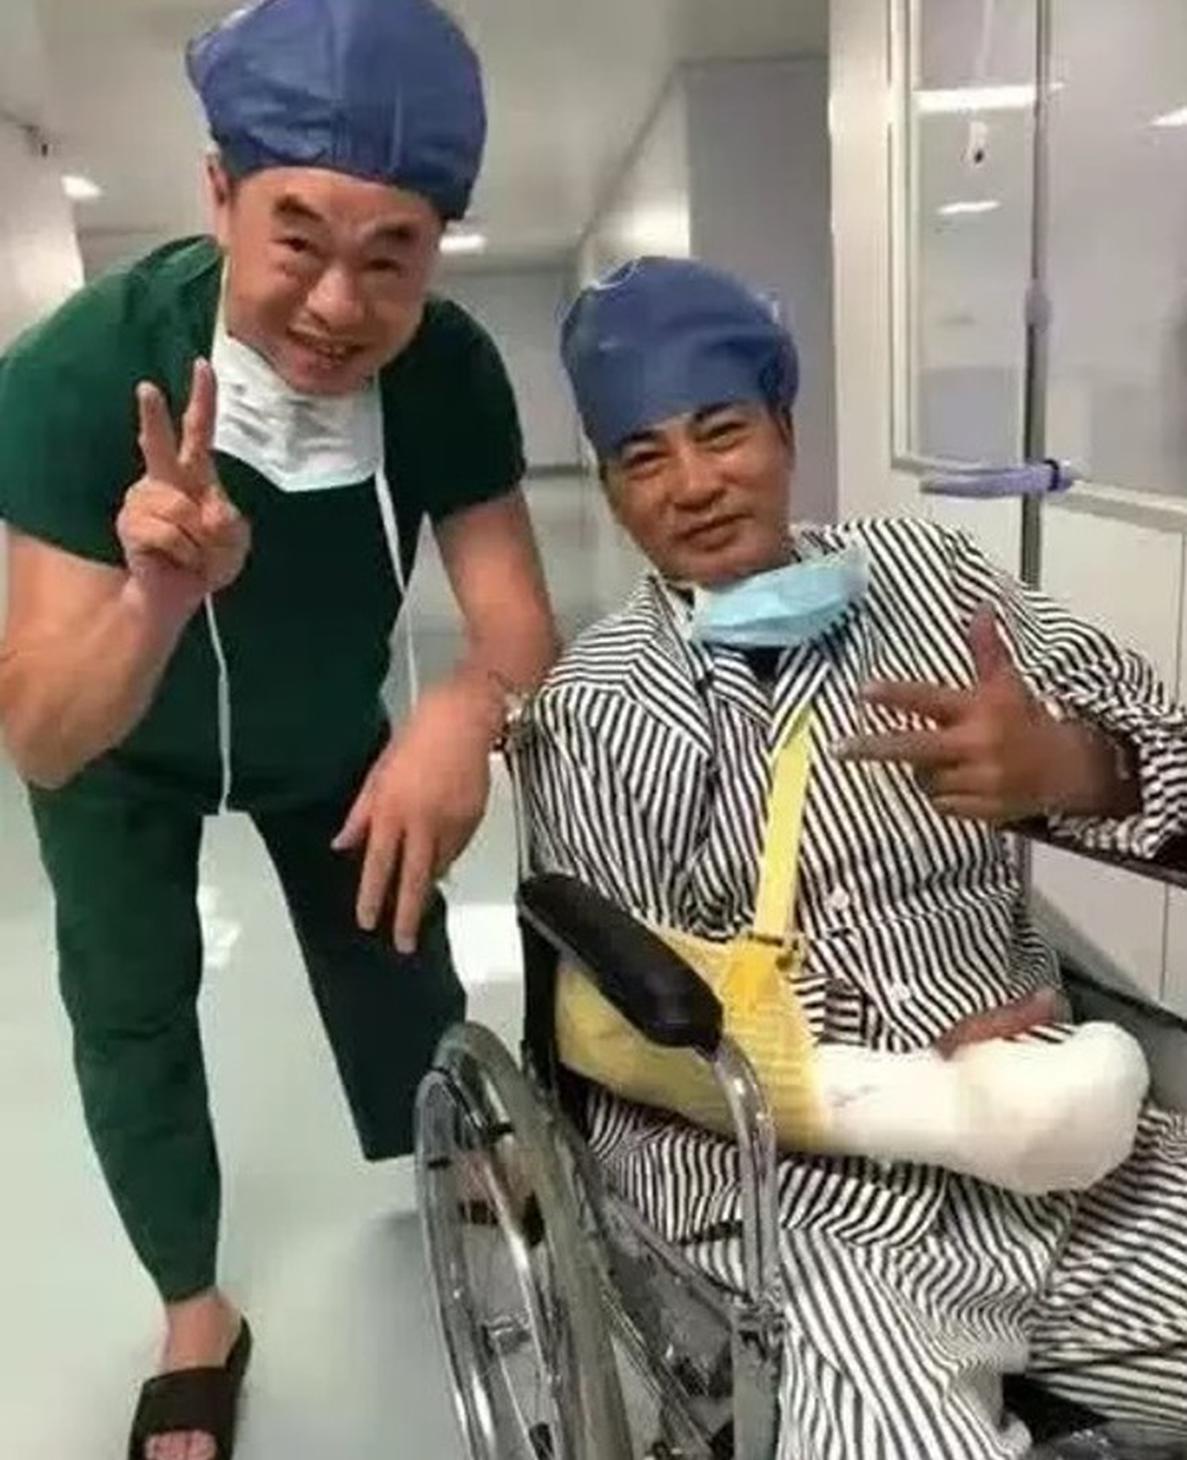 任達華手術後坐輪椅照片曝光